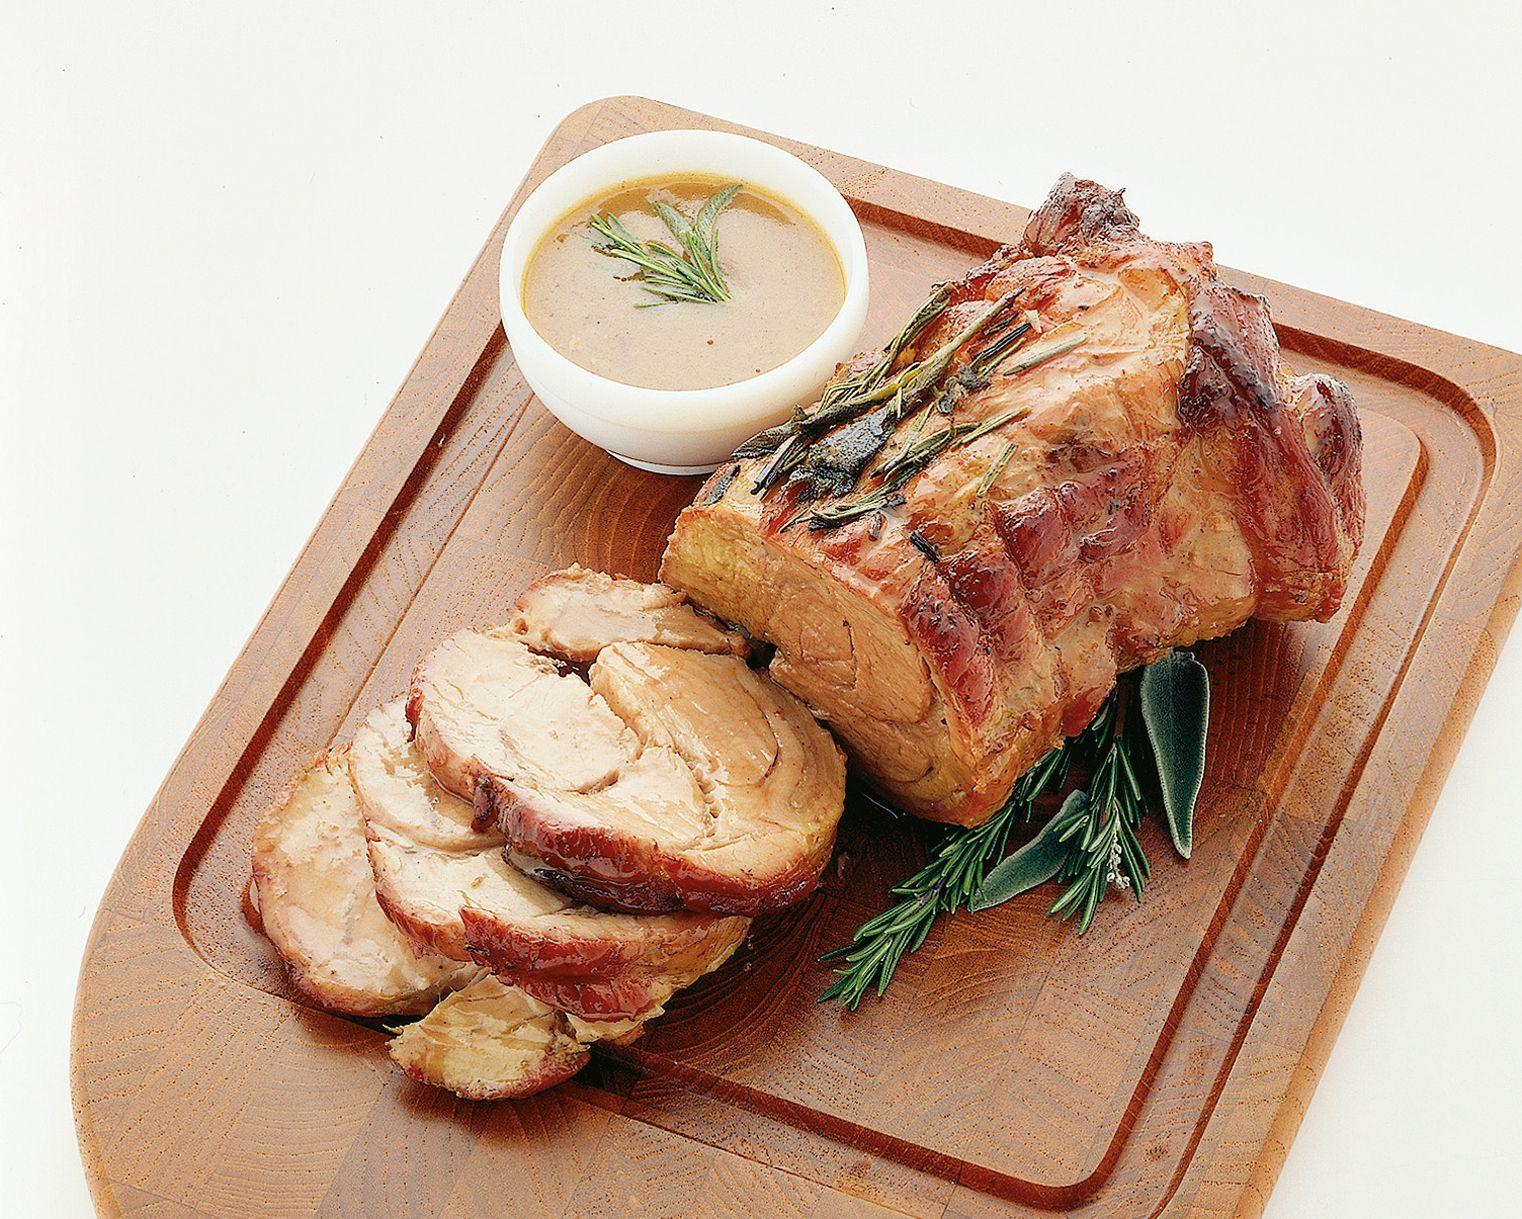 Classico secondo piatto della cucina italiana larrosto di vitello va preparato con cura e